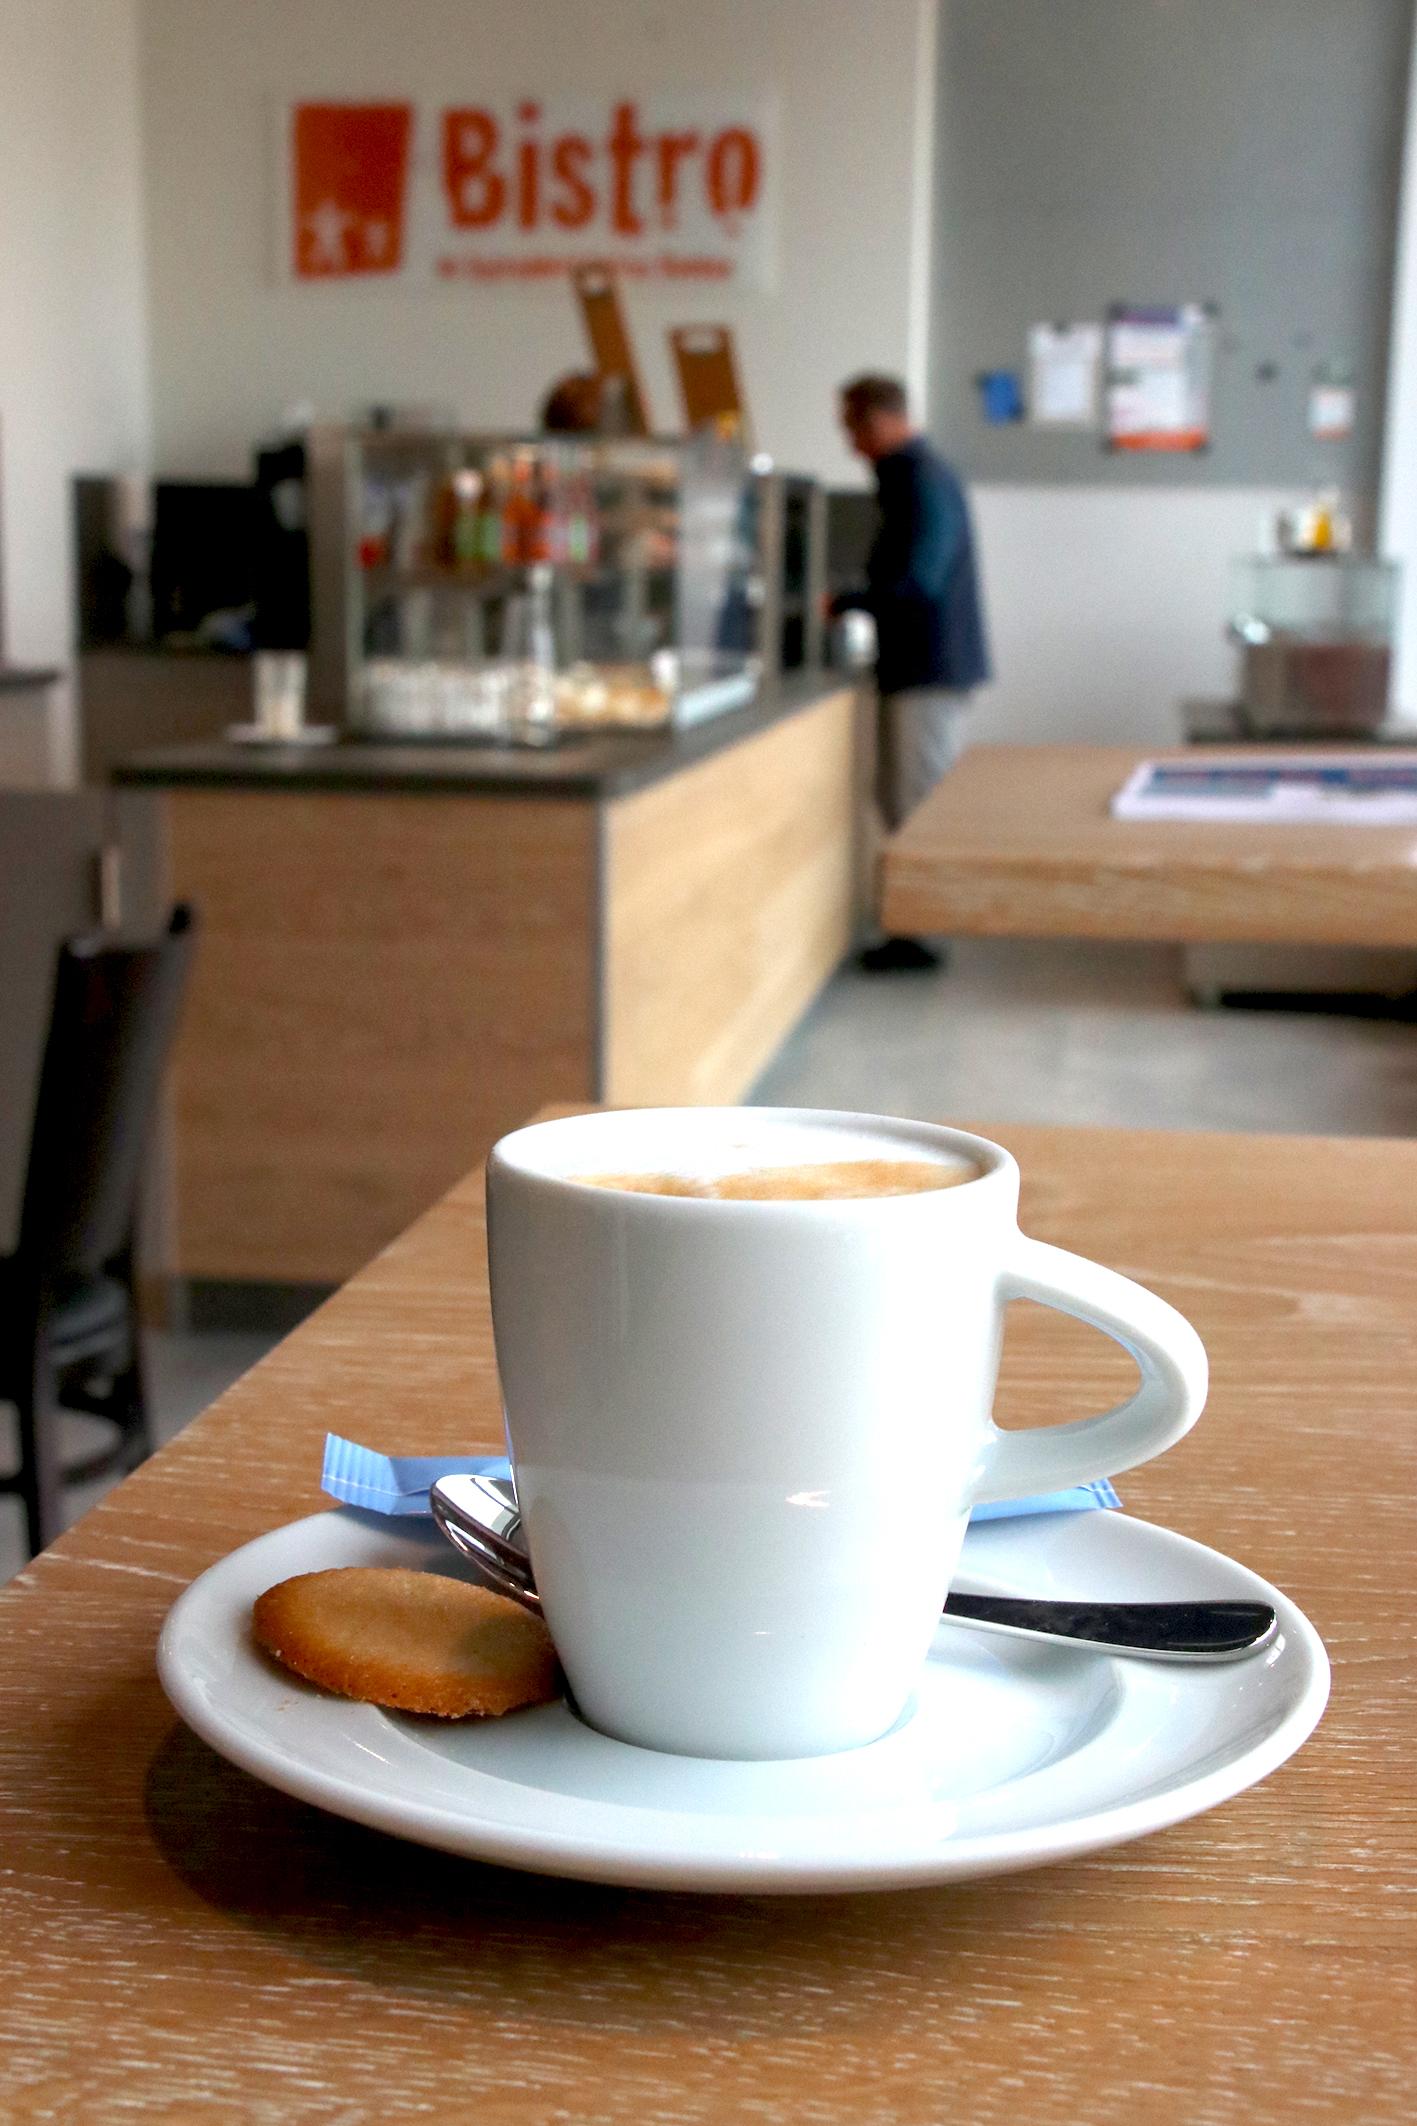 Bistro-Espresso